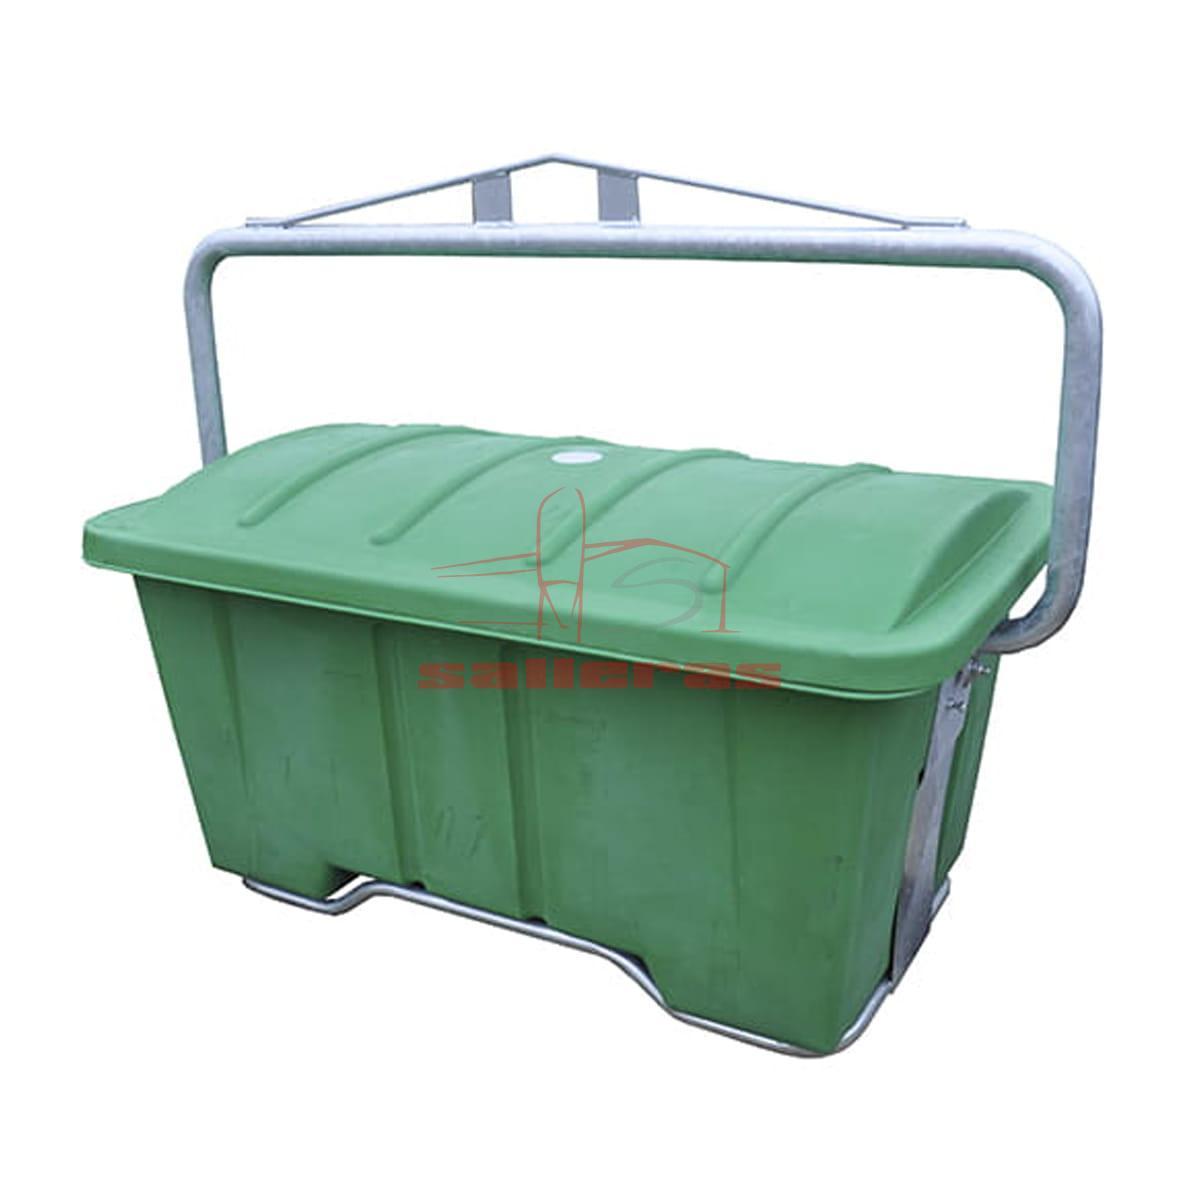 Contenedor de plastico verde de 950 litros con asa